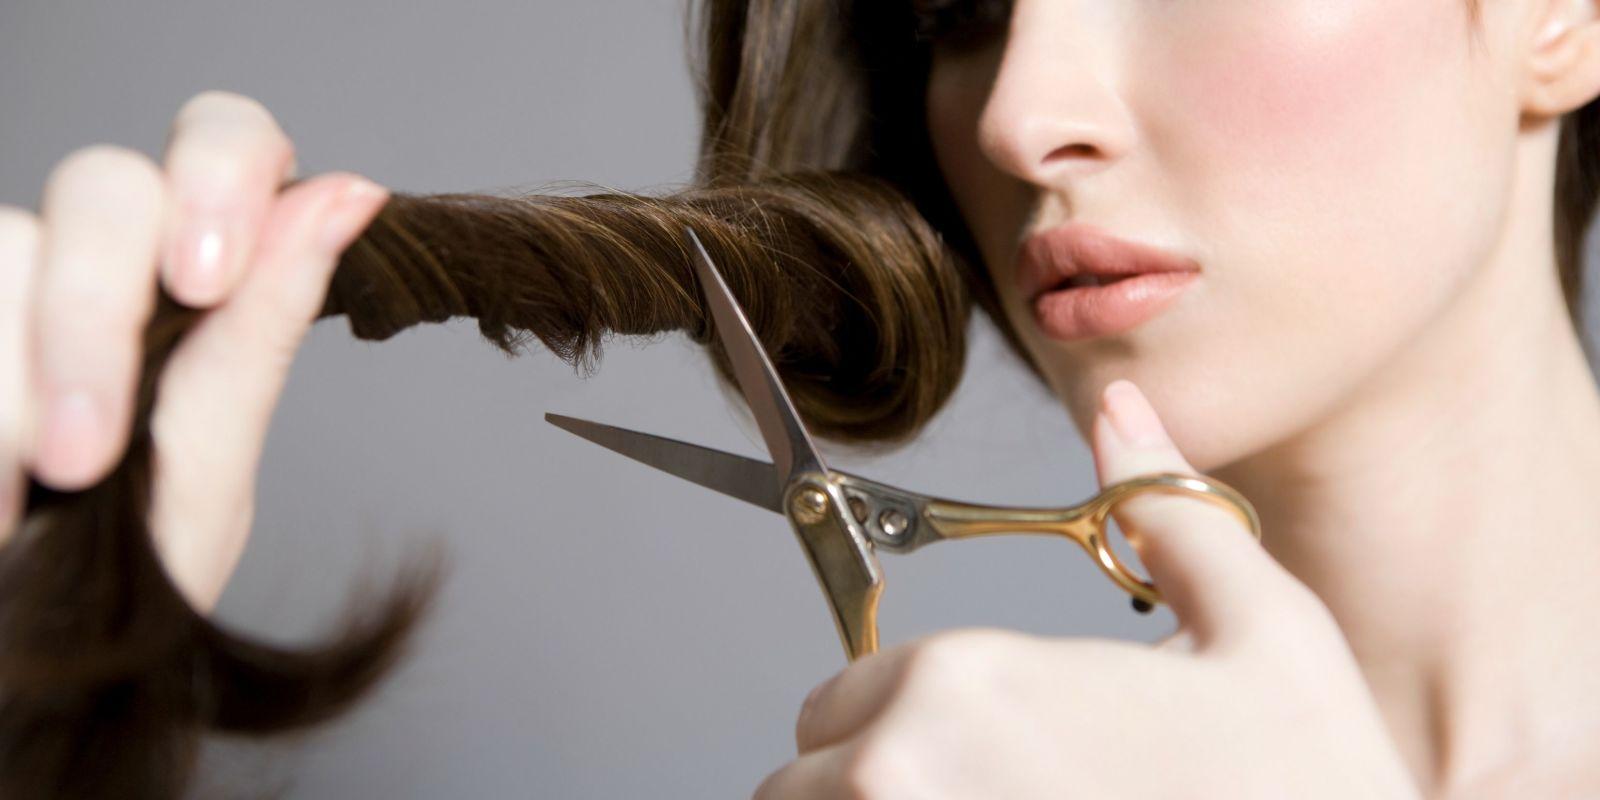 наклеивании сонник неожиданно остригли волосы во сне в парикмахерской связанные выполнением маникюра